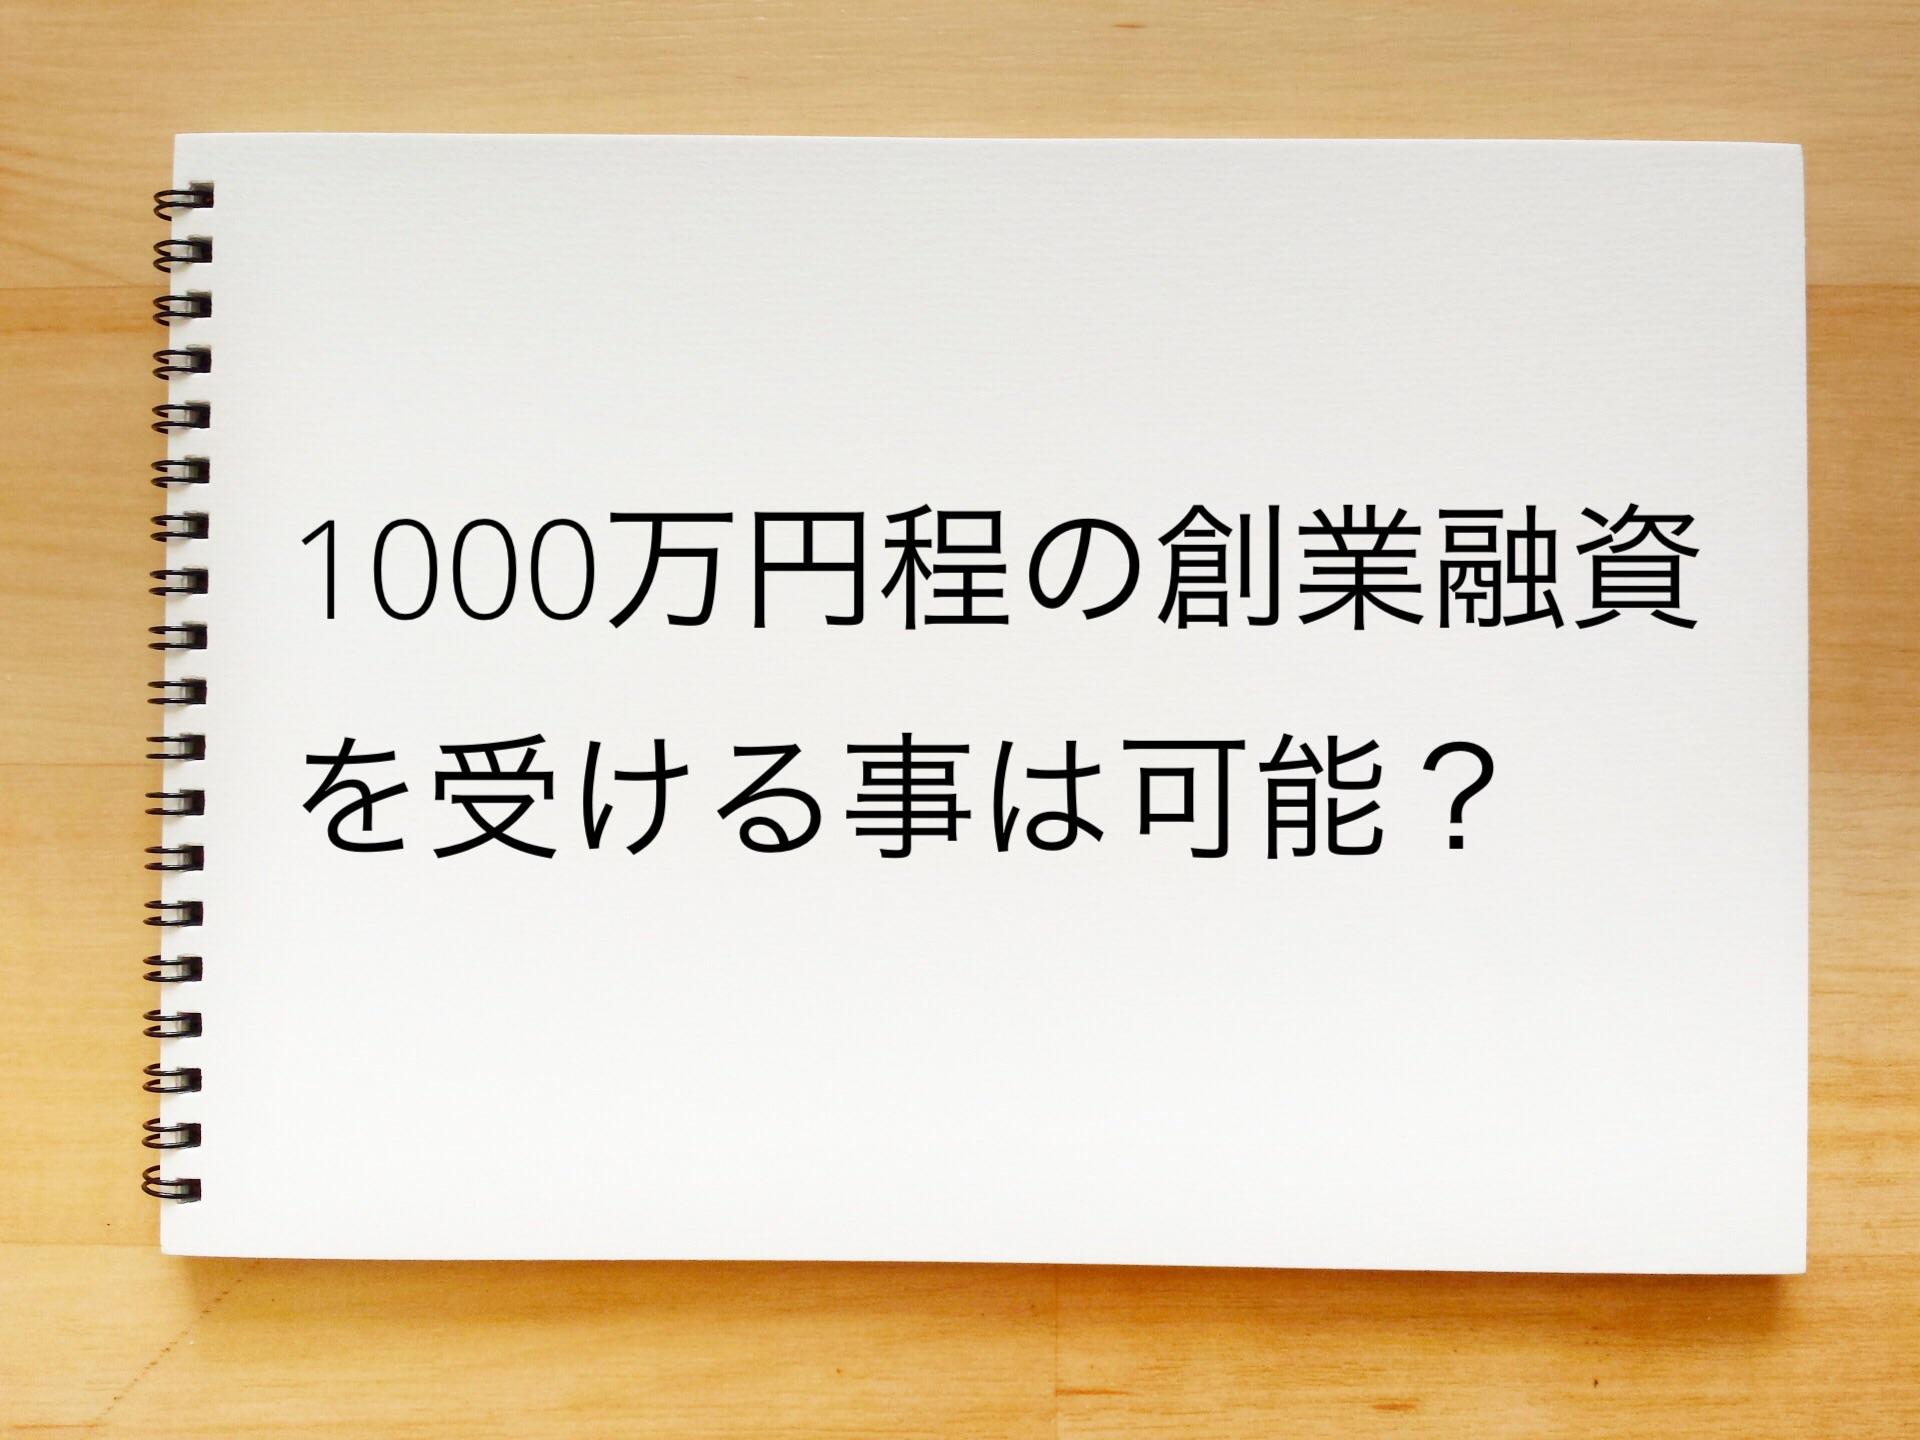 1000万円程の創業融資を受ける事は可能?